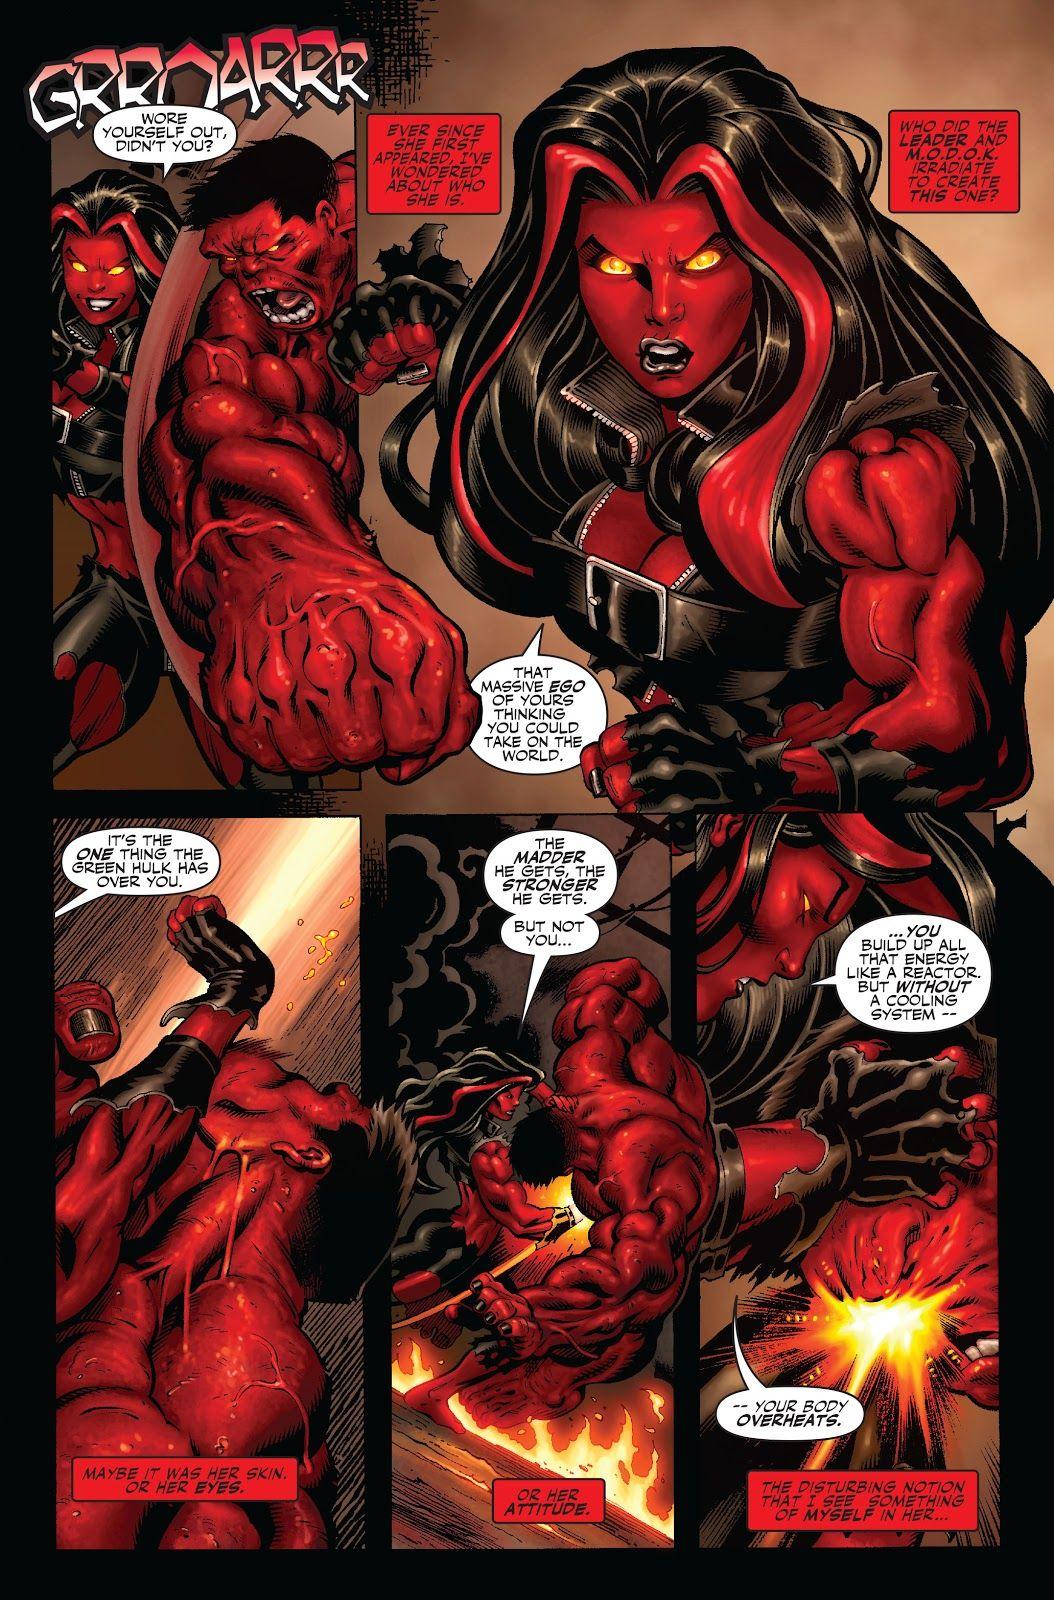 Olhando para trás: A identidade do Hulk Vermelho é finalmente revelada 4